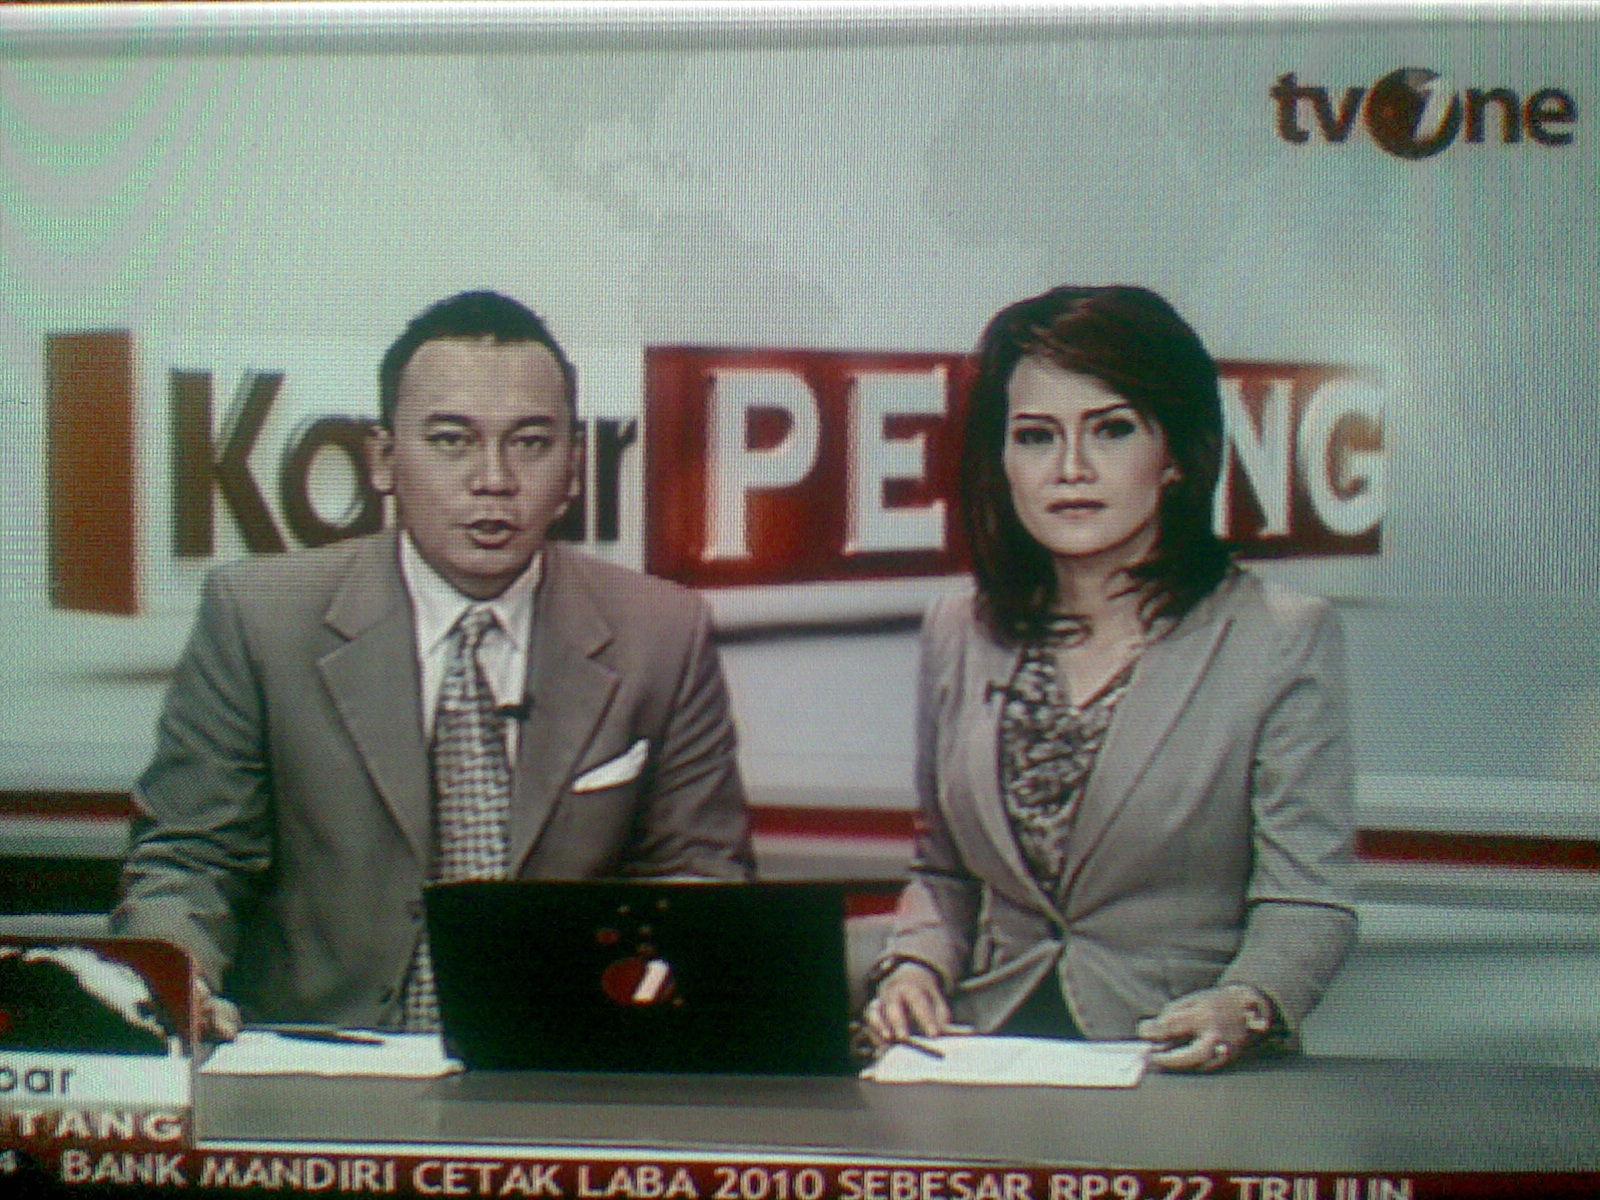 Frekuensi Baru MWD, Kompas, Antara, Daai TV, Matrix TV di Satelit ...